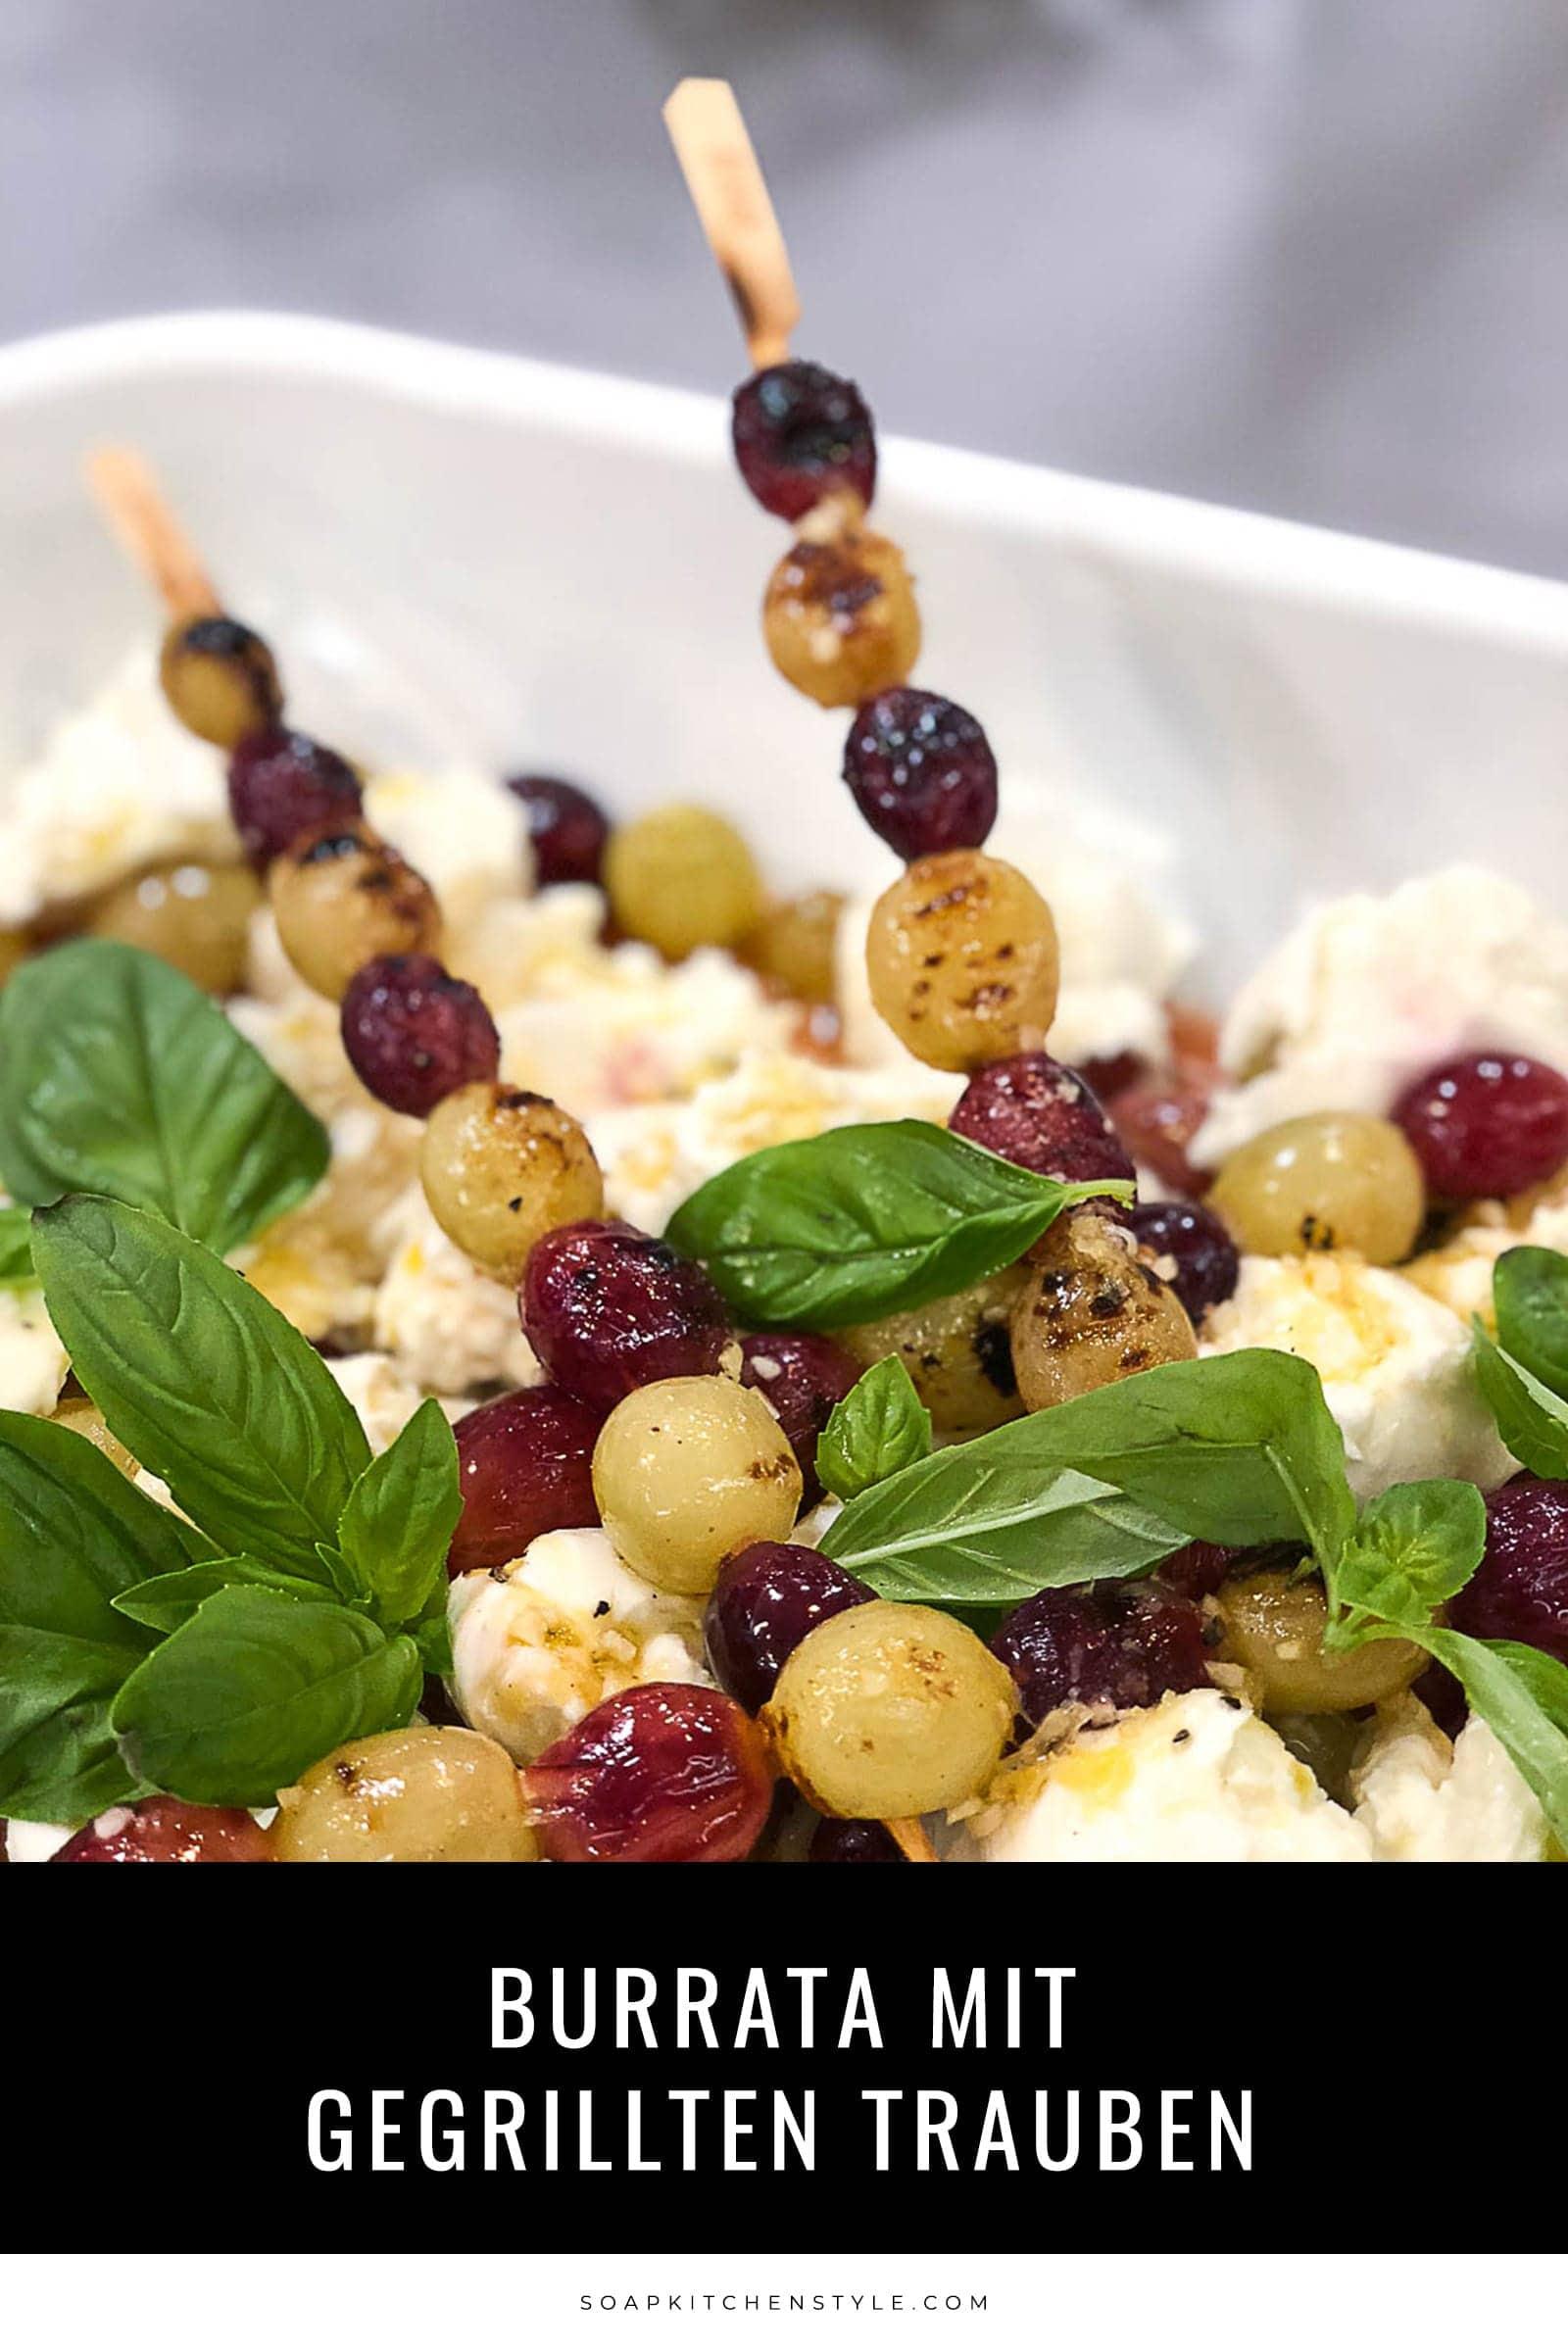 Burrata mit gegrillten Trauben | Herbstliches Menü |SOAP|KITCHEN|STYLE